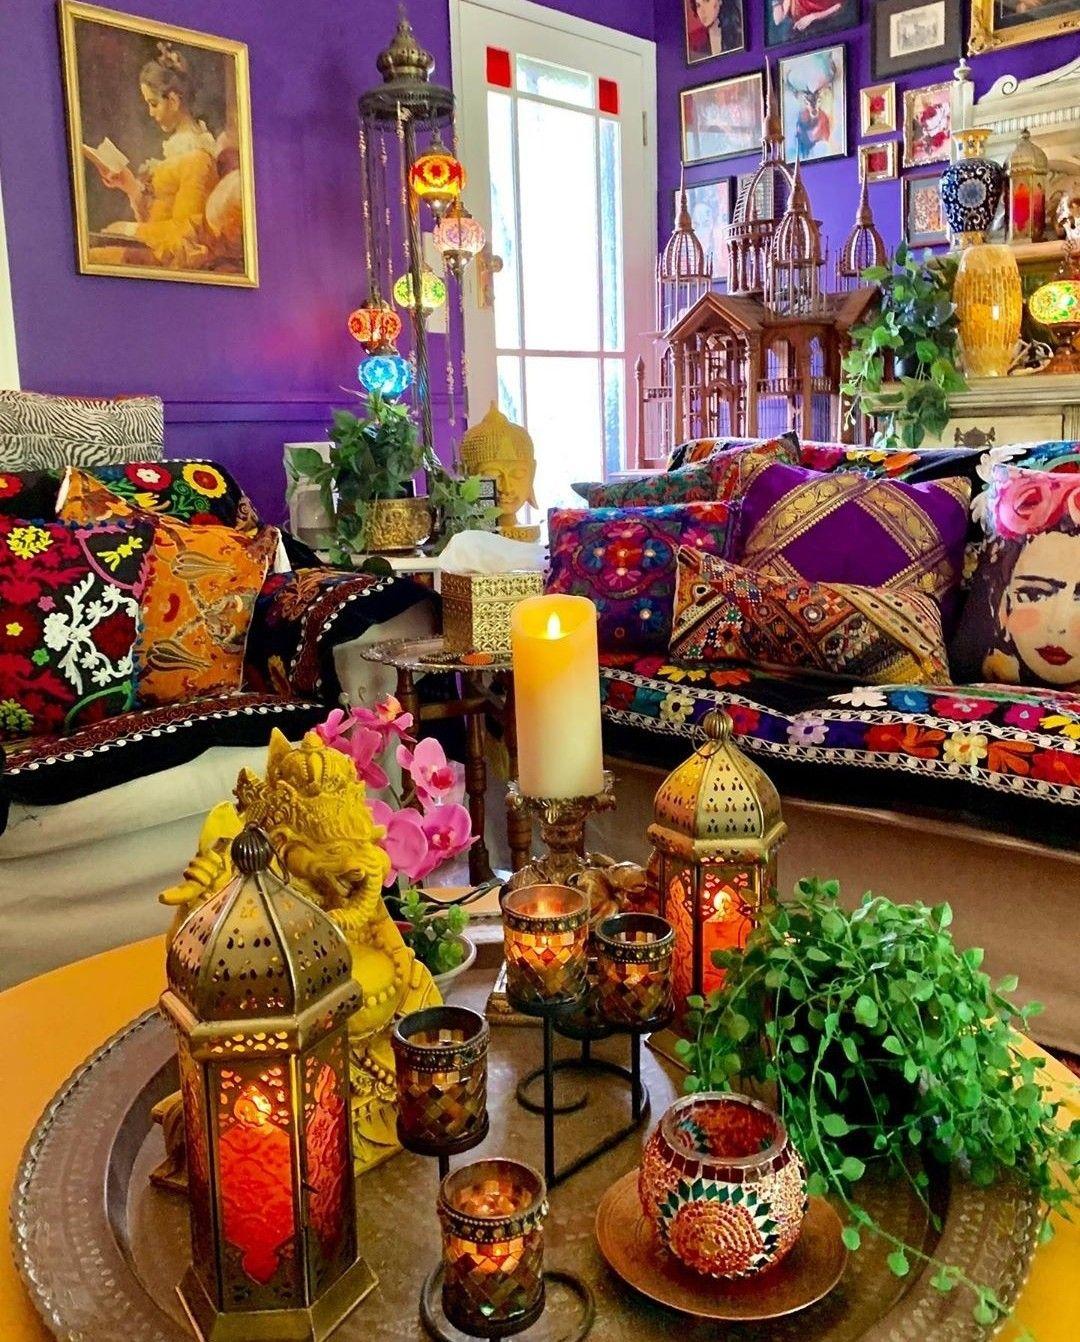 Pin By Pamela Mamani On Boho Decor Bohemian Living Room Decor Bohemian Bedroom Decor Bohemian Decor Gypsy living room decor